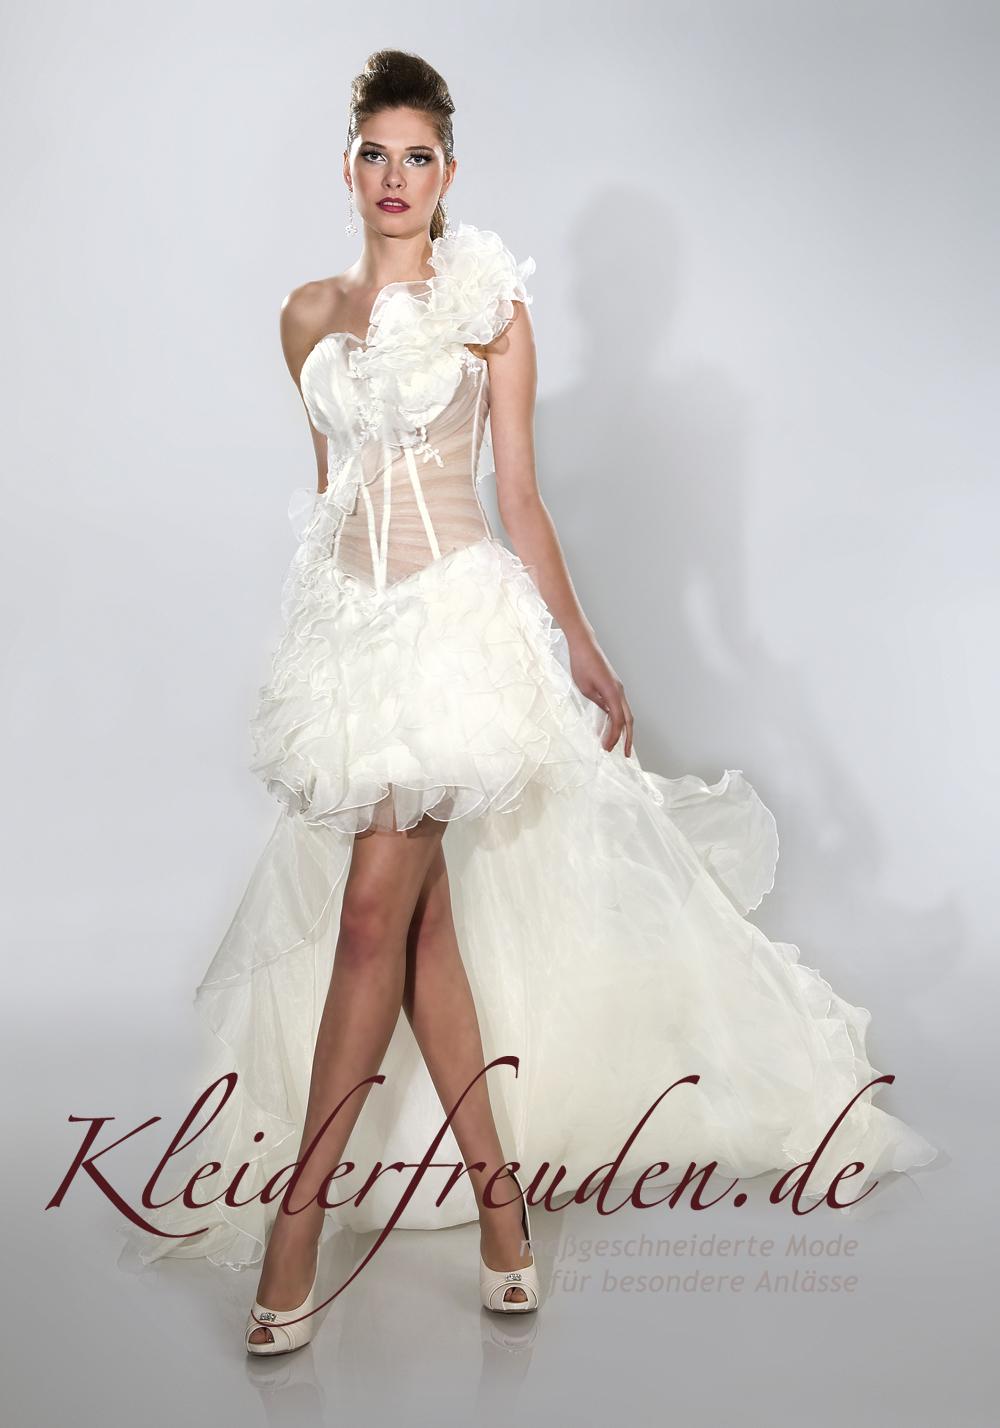 Brautkleid vorne kurz hinten lang mit sexy Korsage - Kleiderfreuden